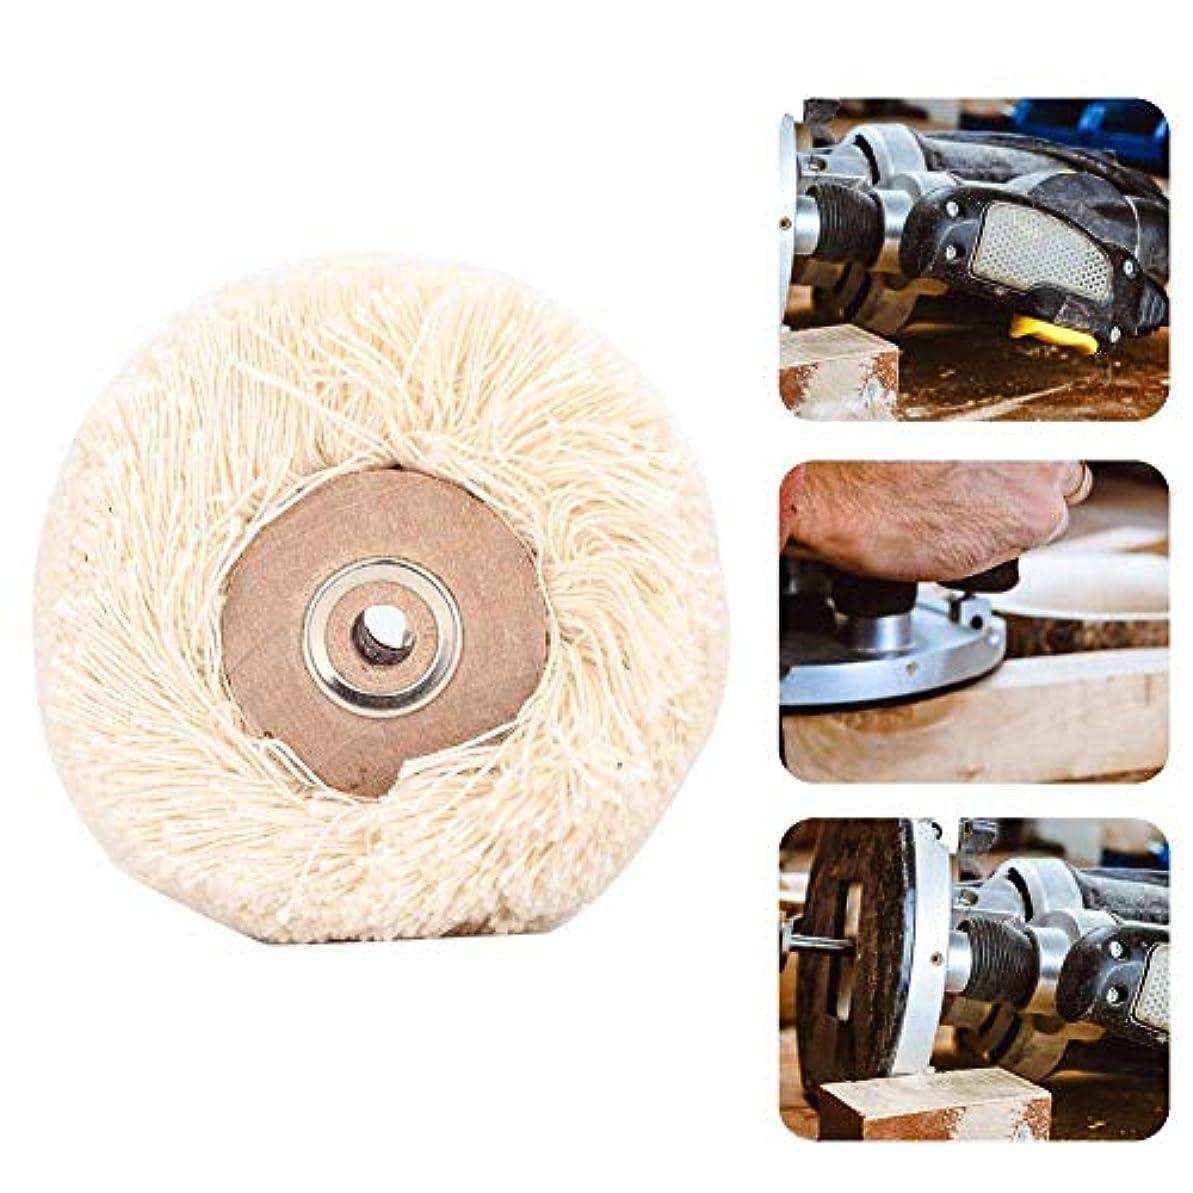 笑いクラブ嫌い研磨ヘッド 回転工具 研磨ドリルグラインダーホイールブラシジュエリー研磨工具(M)